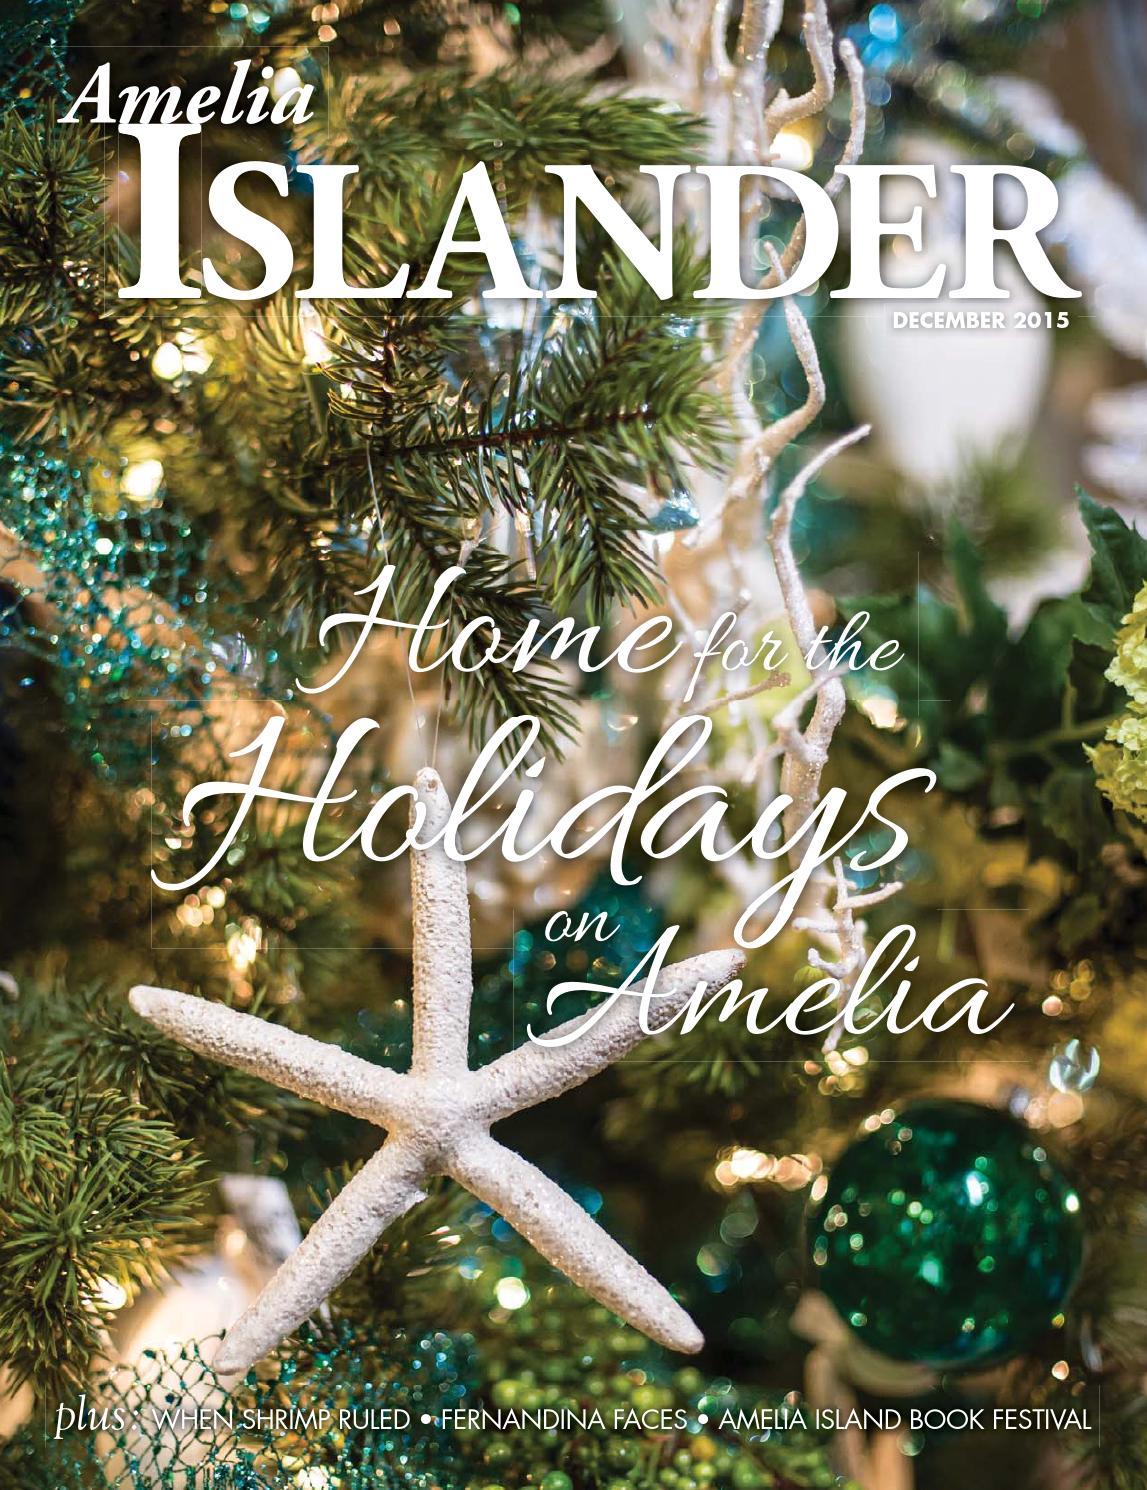 Amelia Islander December 2015 By Sweetpea Media Inc Issuu Gentleman Mar A Lago Vape Vapor Liquid E Eliquid Ejuice